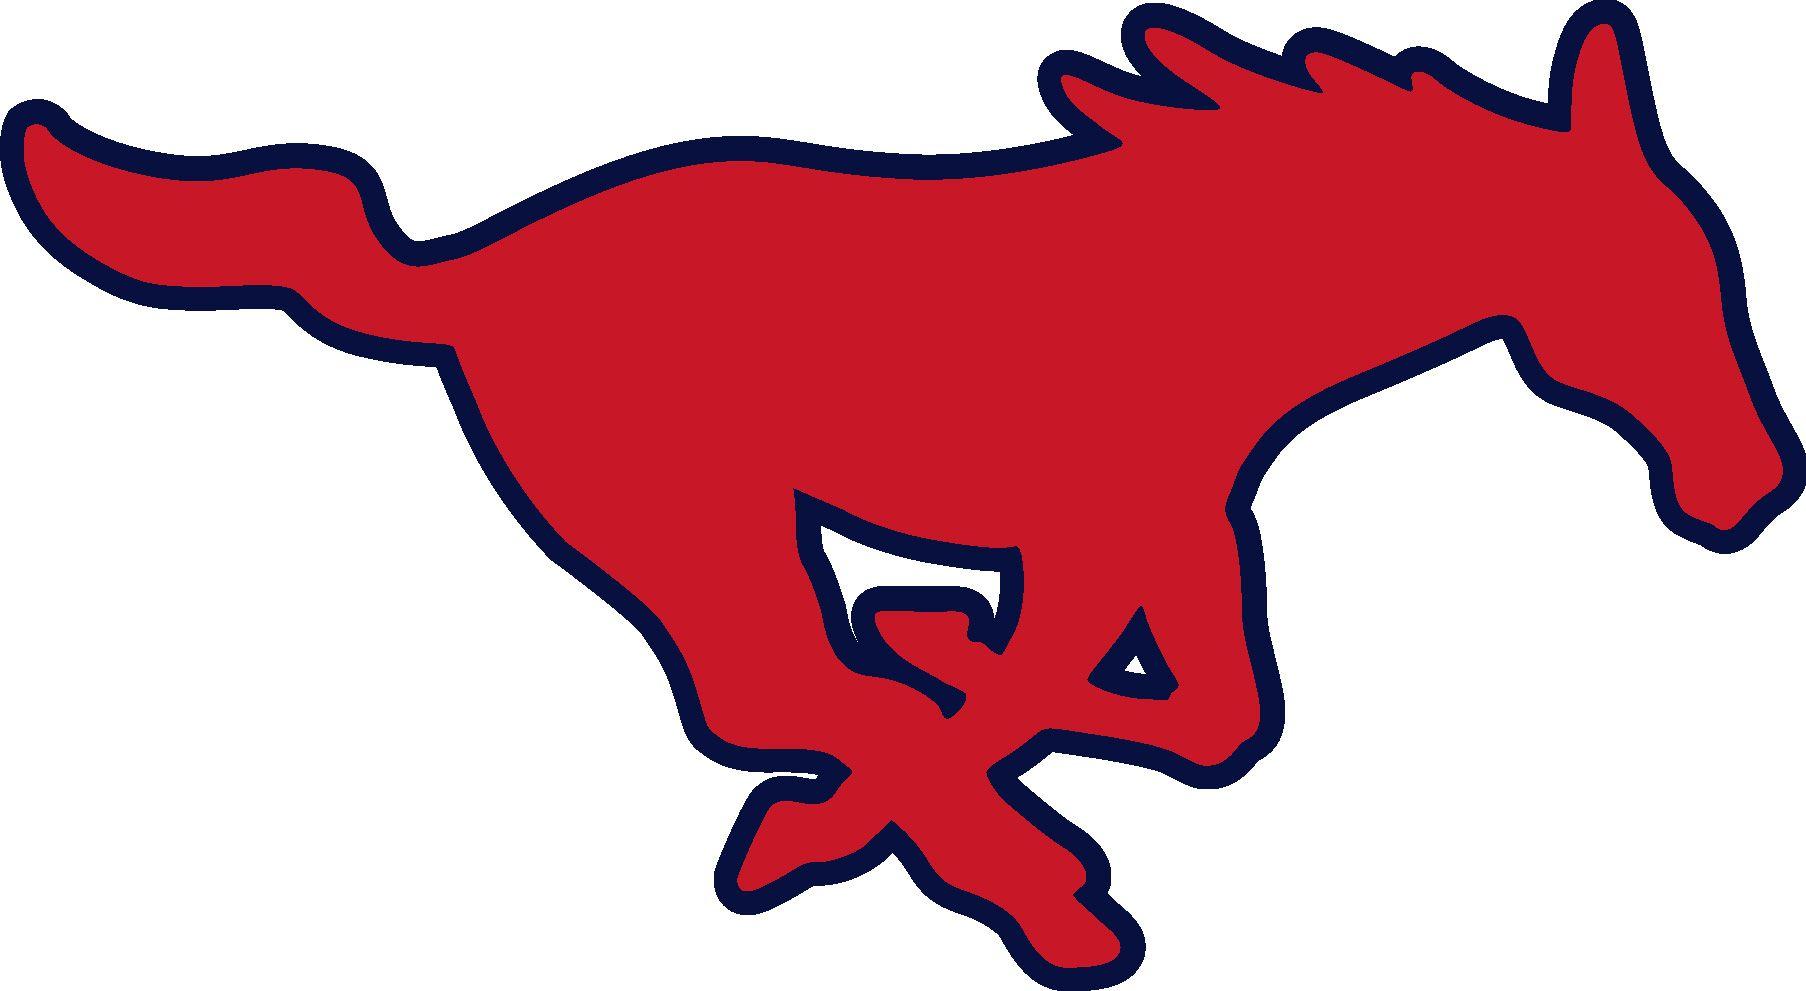 Mascot logo free download. Mustang clipart mustang football